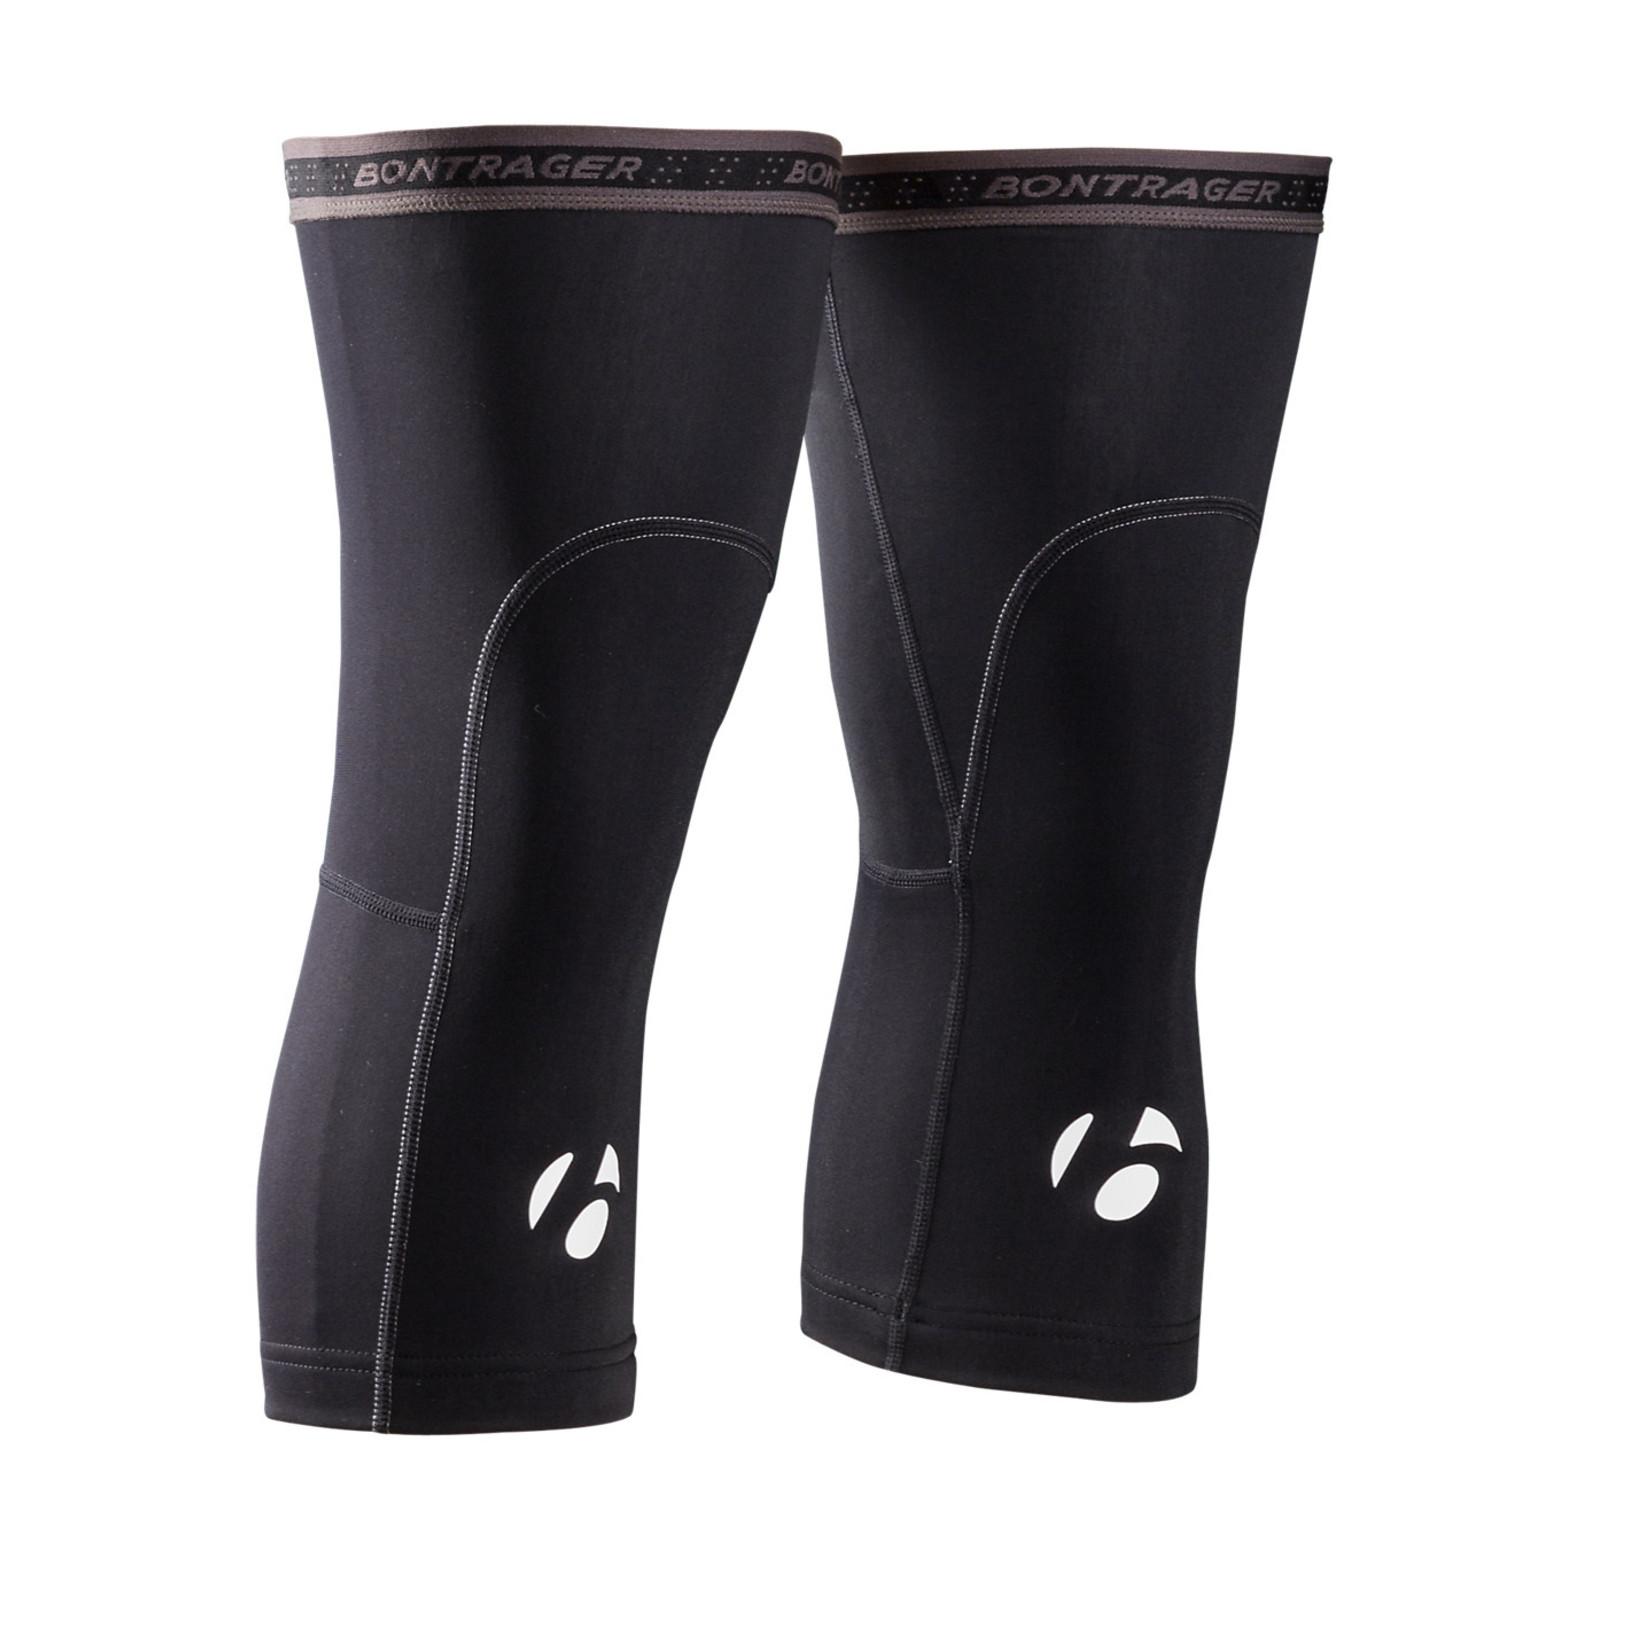 Bontrager Knee Warmer